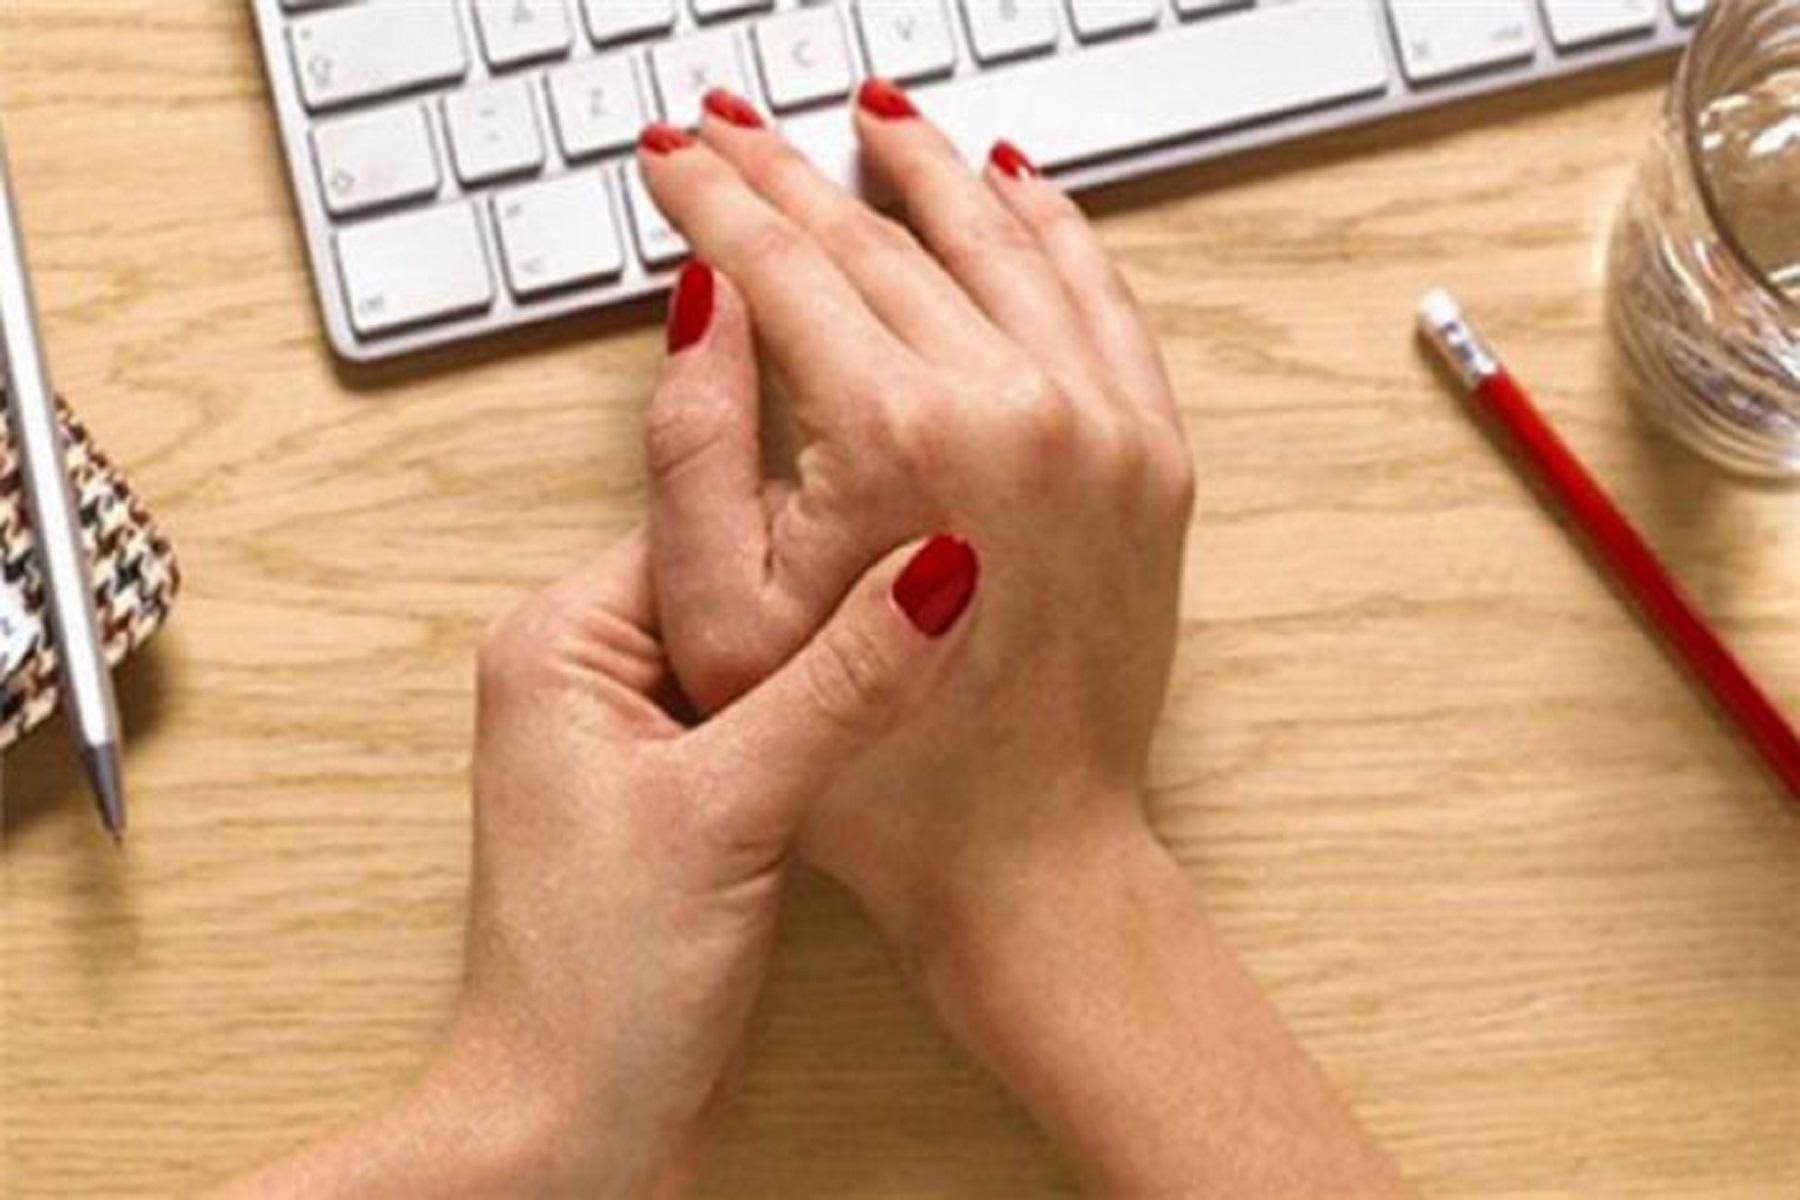 Ρευματοειδής Aρθρίτιδα: Τι μπορεί να επηρεάσει την εκδήλωση της νόσου